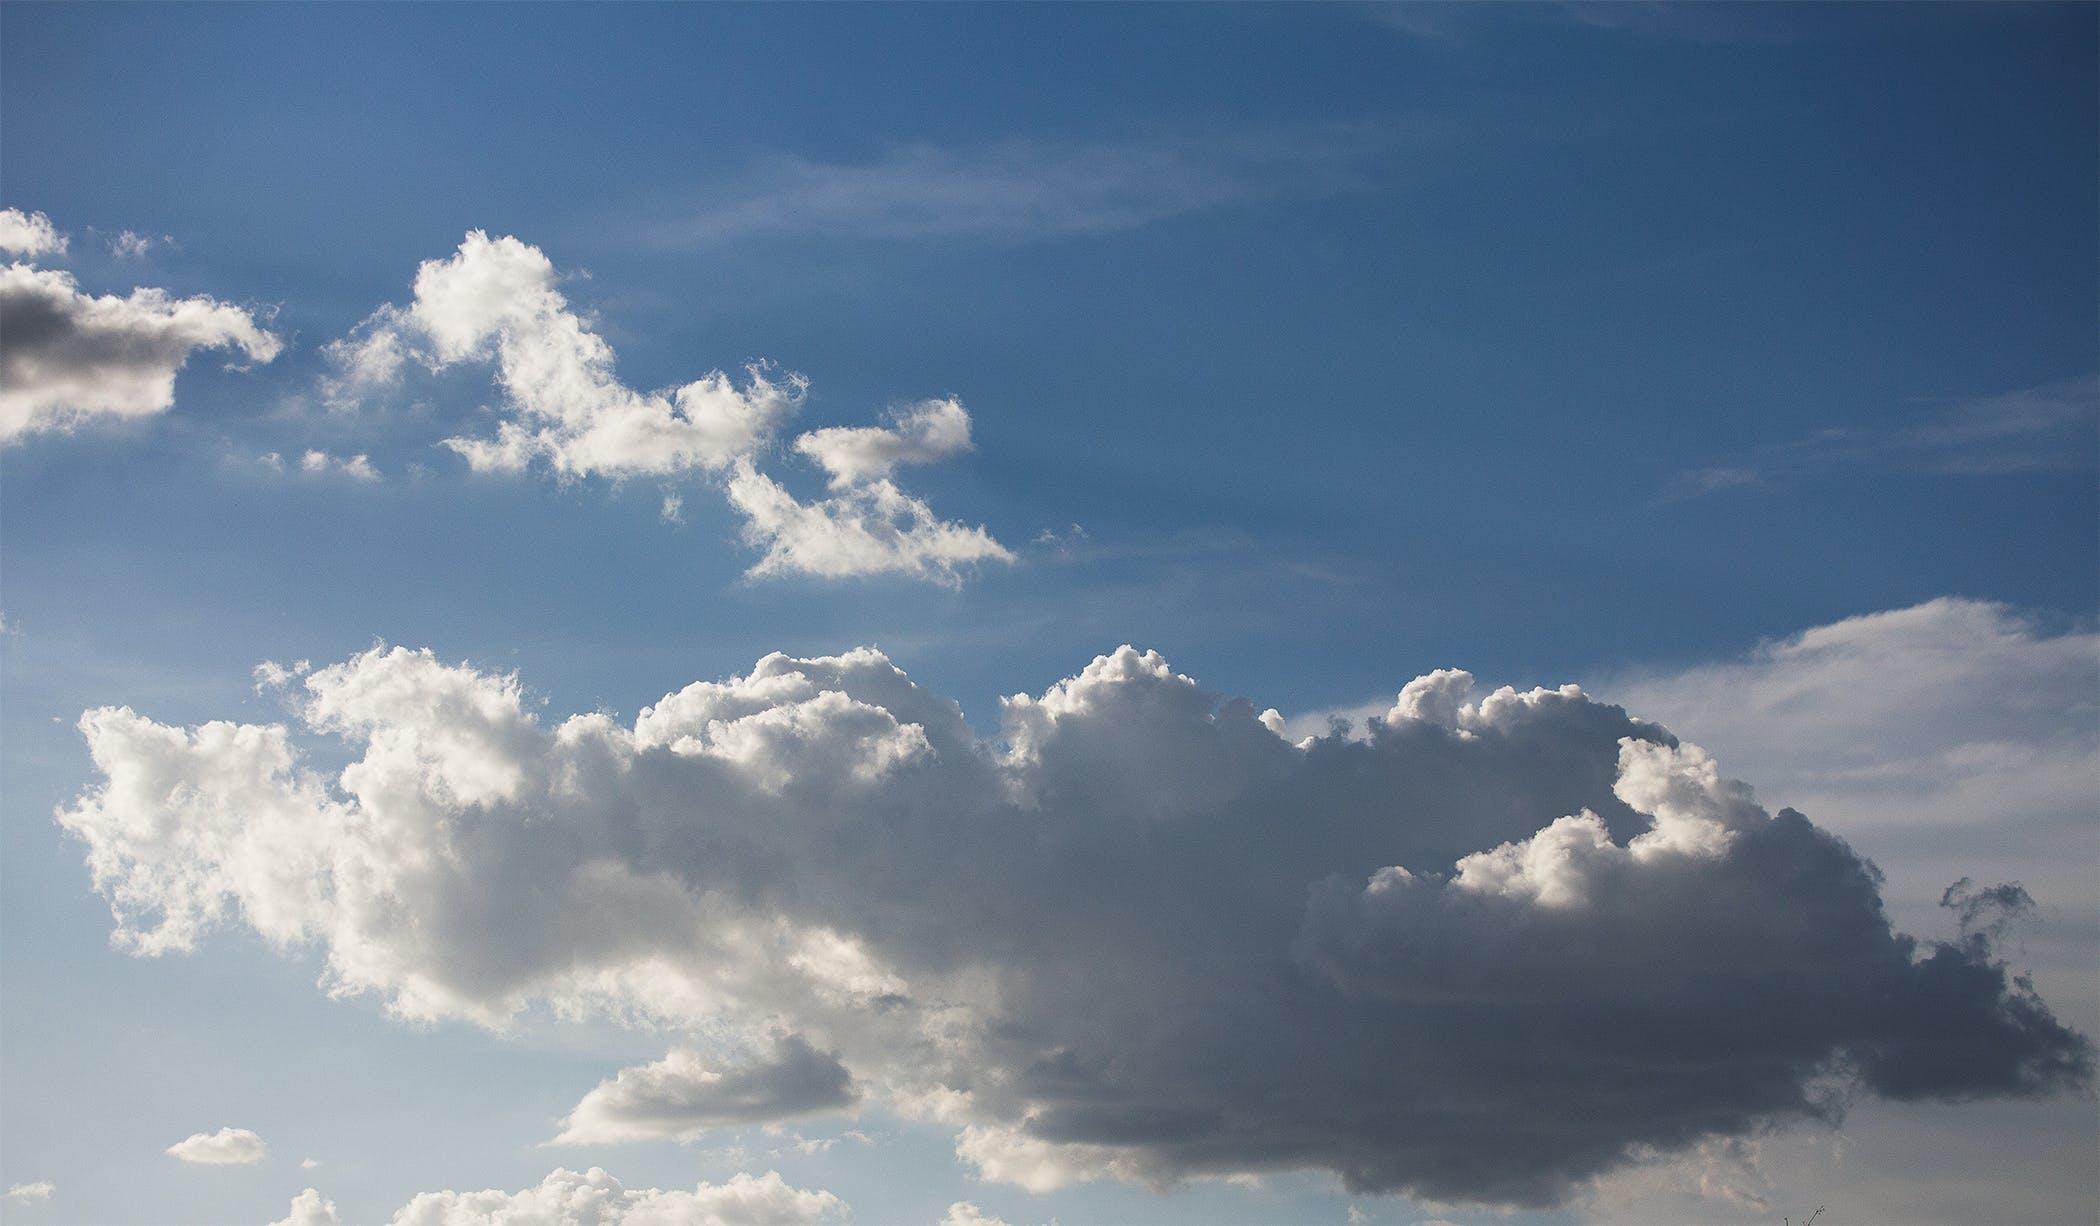 Δωρεάν στοκ φωτογραφιών με skyscape, απαλός, ατμόσφαιρα, γαλάζιος ουρανός